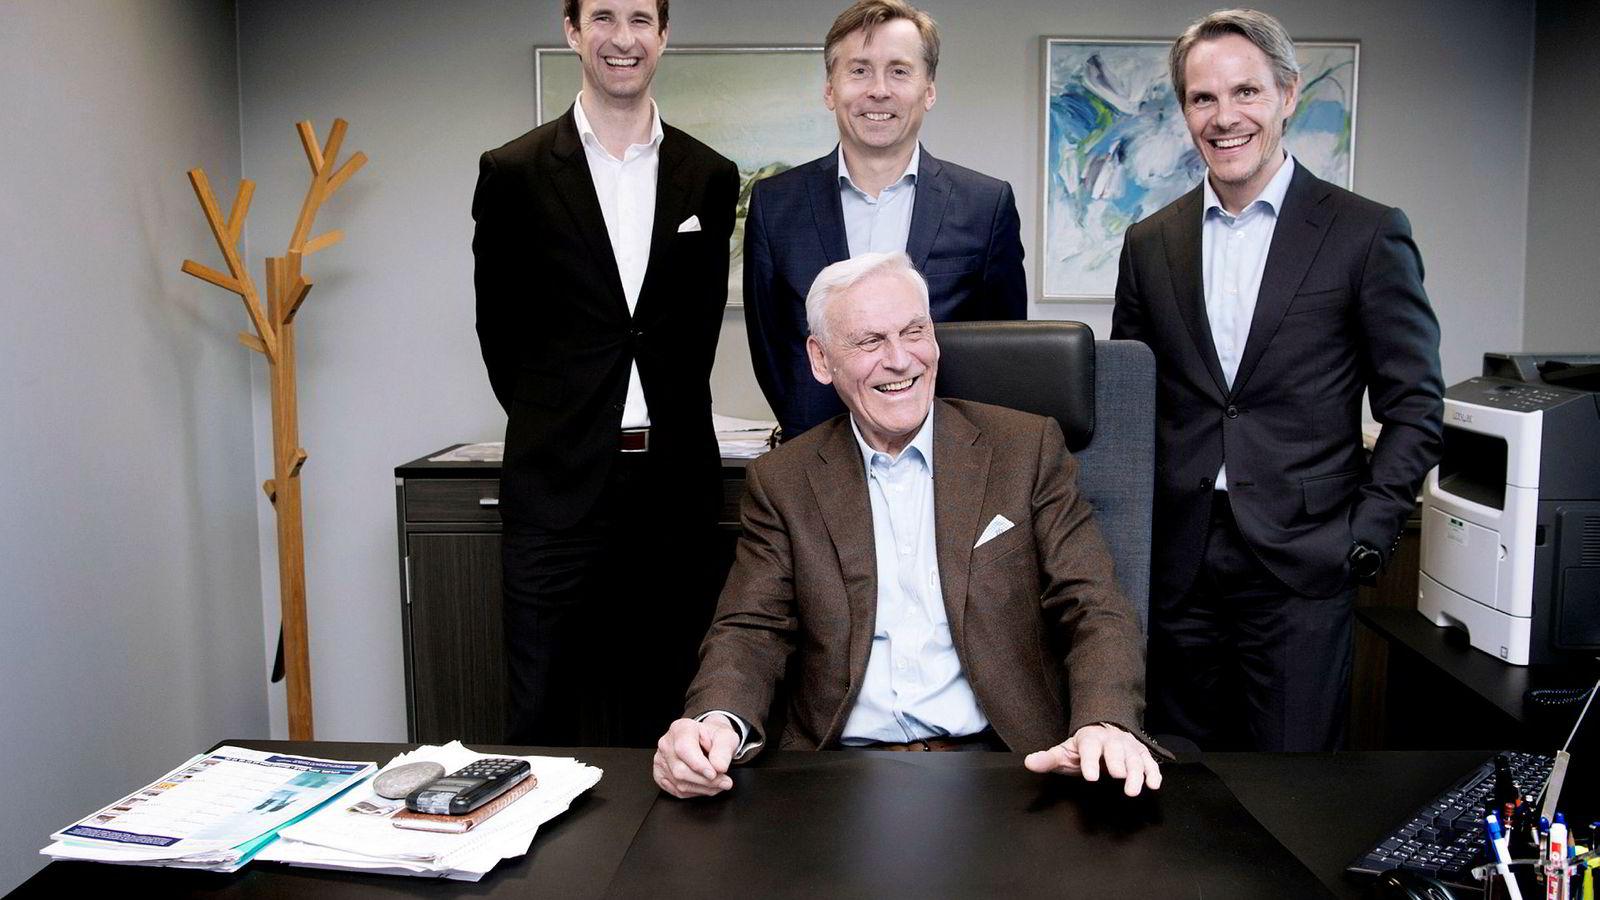 – Både på min mor- og farsside har det vært forretningsfolk hele veien. Jeg er nok arvelig belastet selv om jeg aldri arvet noe særlig penger. Nå jobber jeg som arbeidende styreformann og stikker min nese nedi det meste, sier Peter Tidemand Malling sr. (sittende). Her med bak fra venstre analysesjef Haakon Ødegaard, toppsjef Anders Berggren og sønnen og medarbeider Anders Malling.